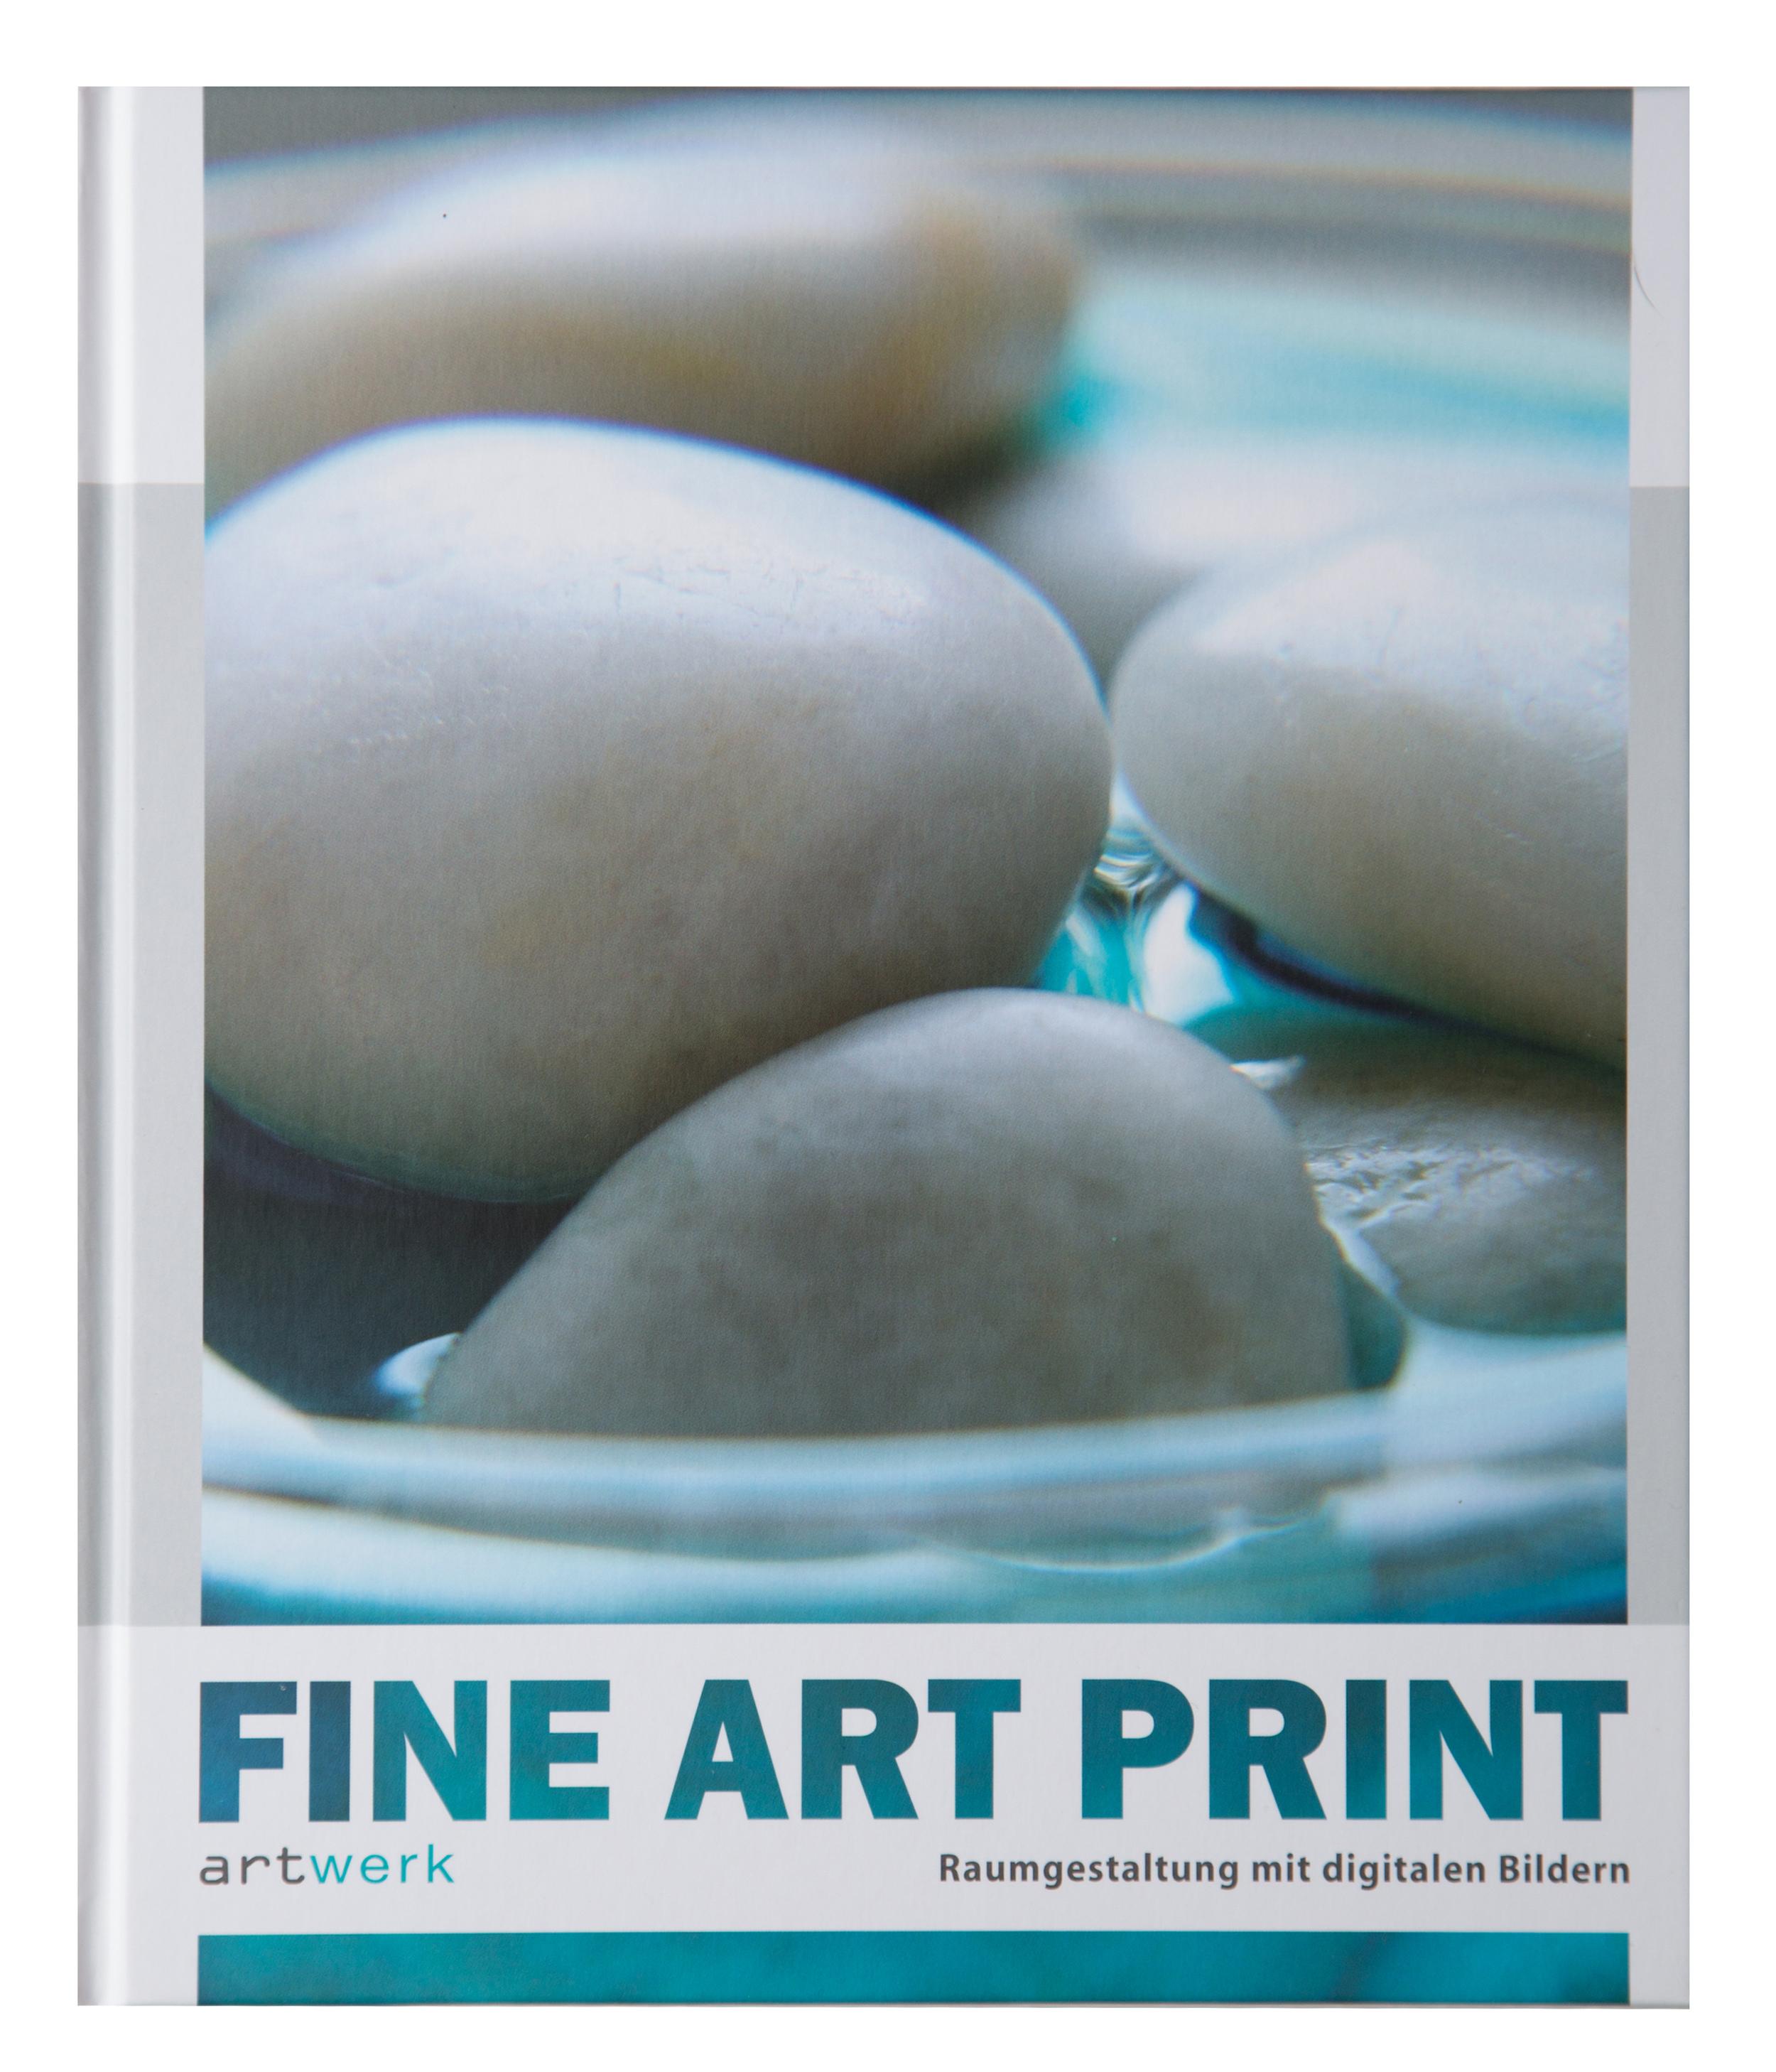 Fineartprint